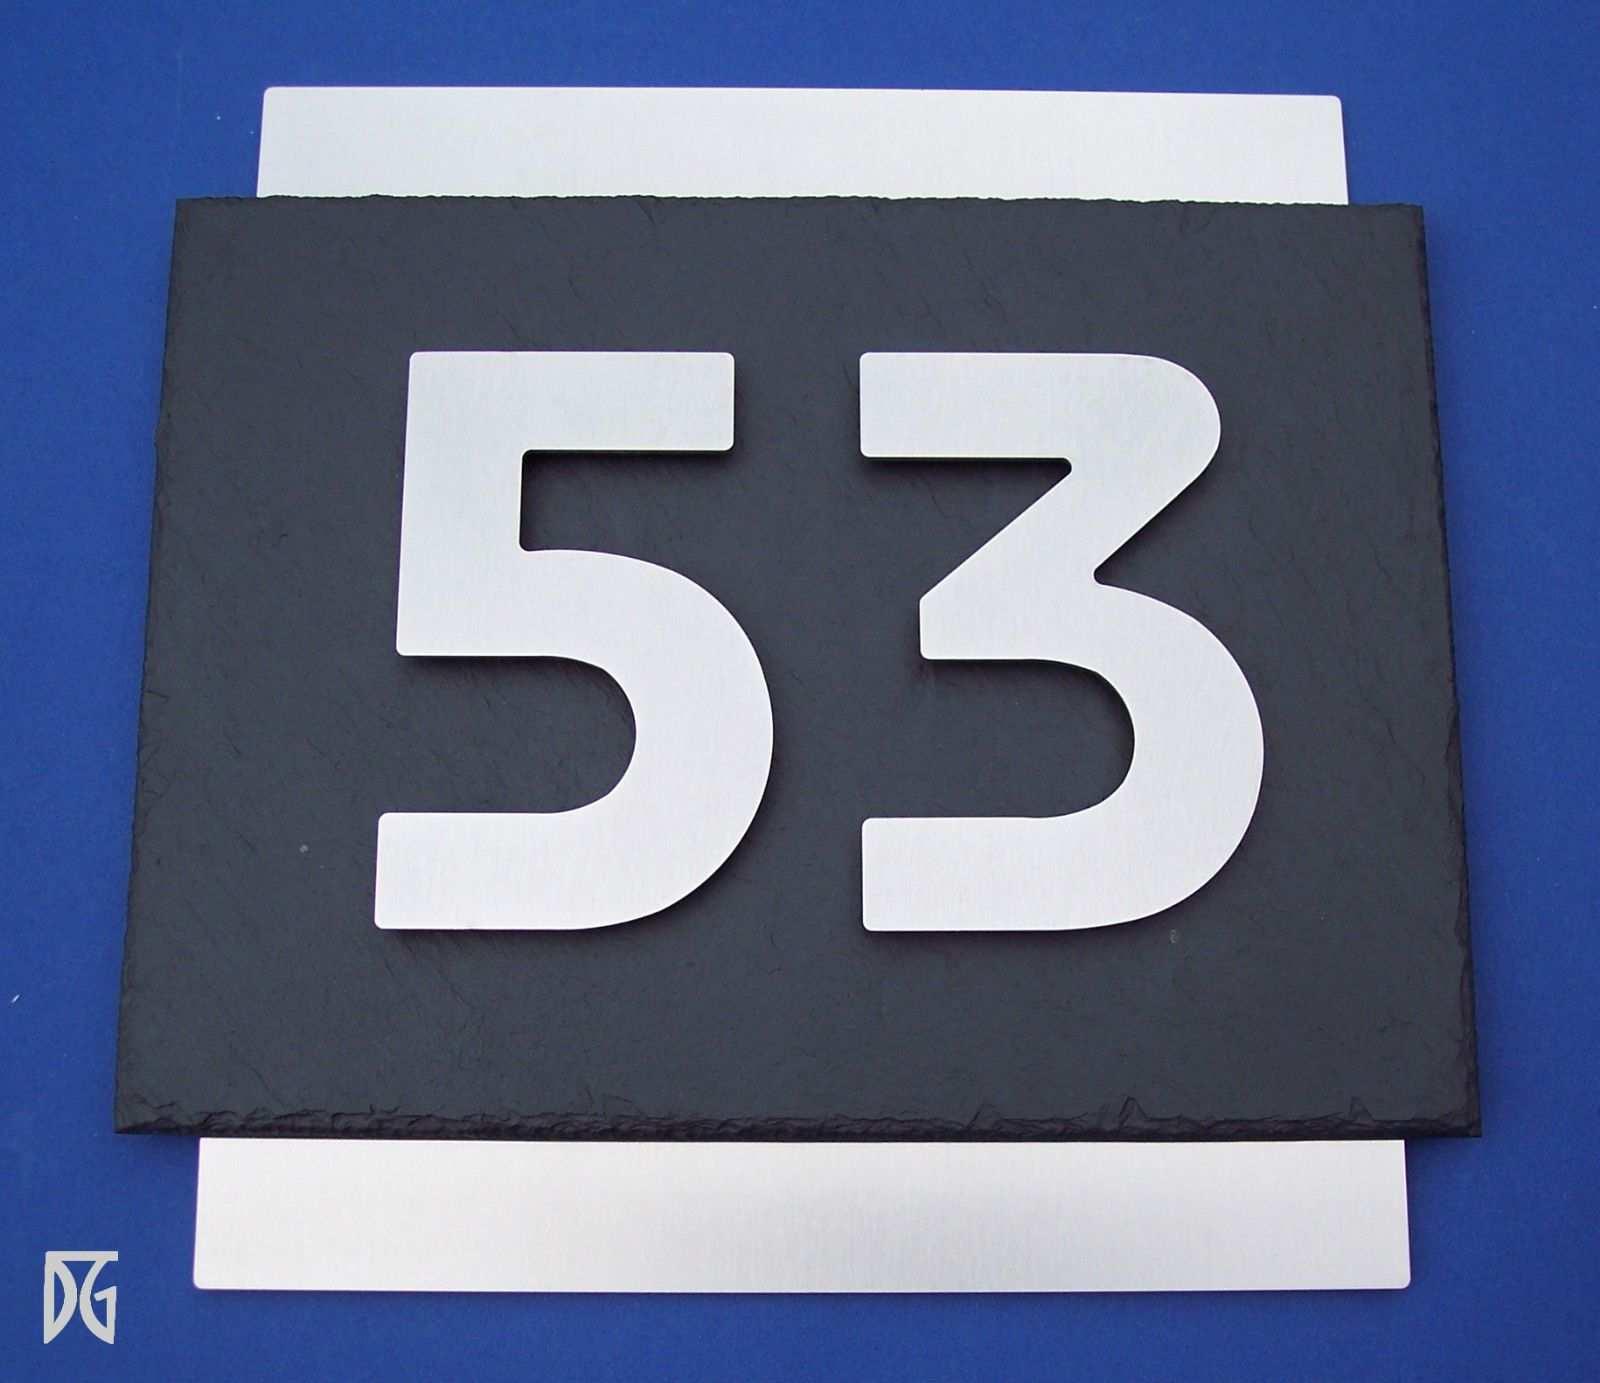 Hochwertiges 3d Hausnummernschild Turschild Aus Edelstahl Und Schiefer Ebay Hausnummernschild Turschilder Und Edelstahl